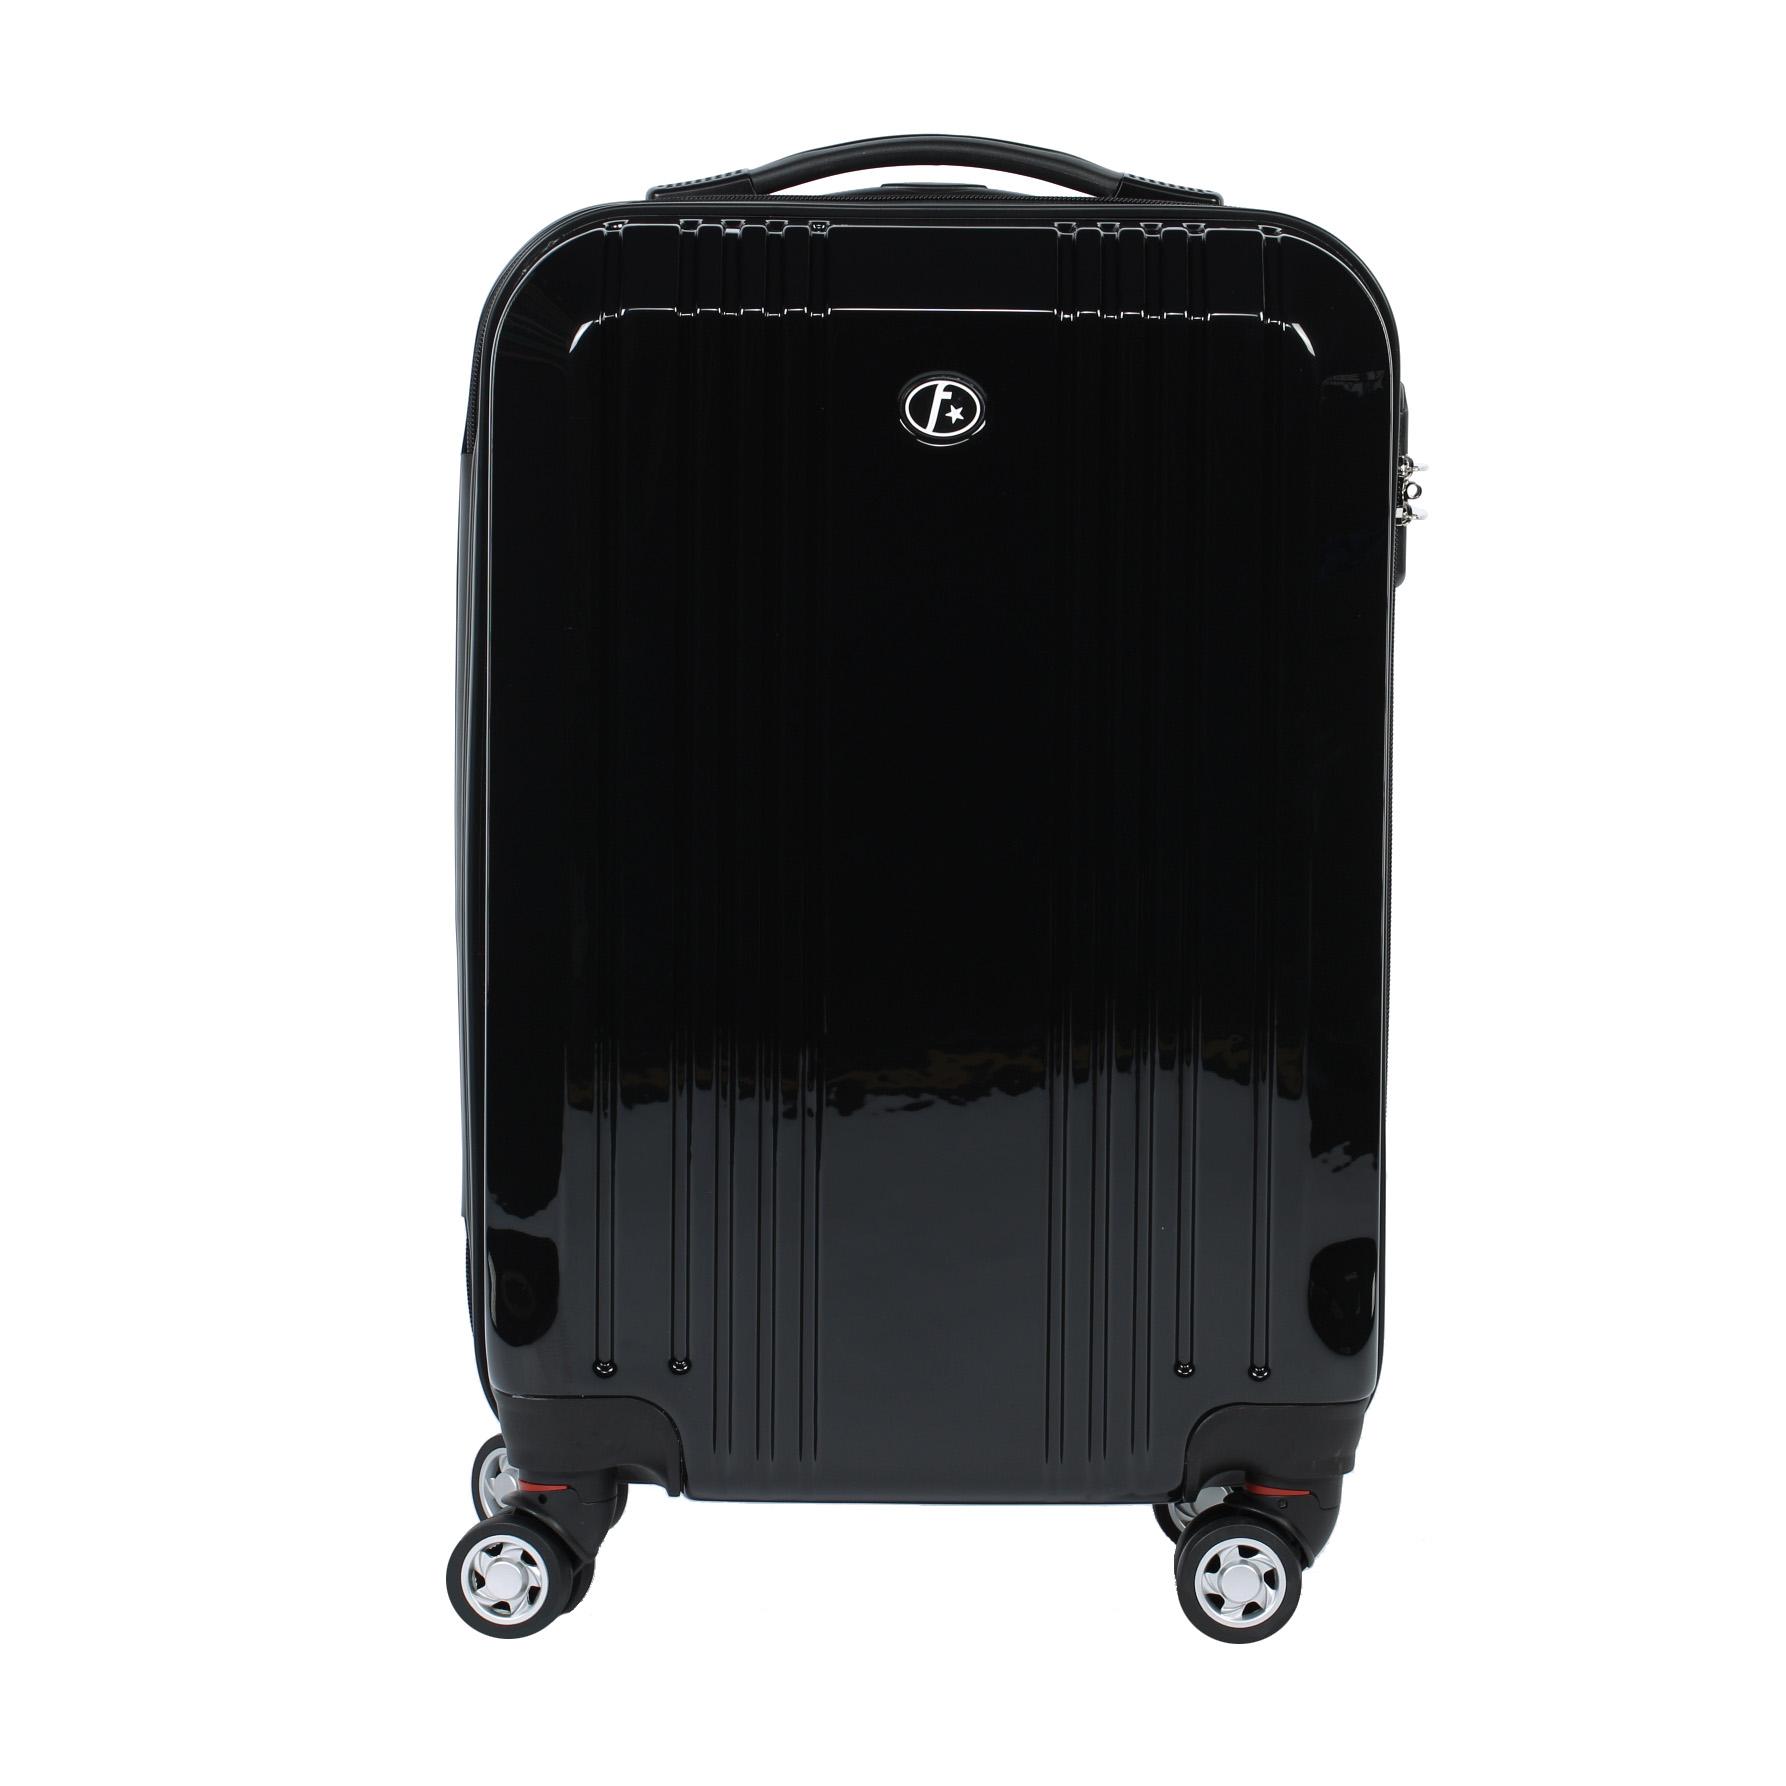 handgep ck koffer reisekoffer bordgep ck trolley hartschale 4 rollen schwarz ebay. Black Bedroom Furniture Sets. Home Design Ideas